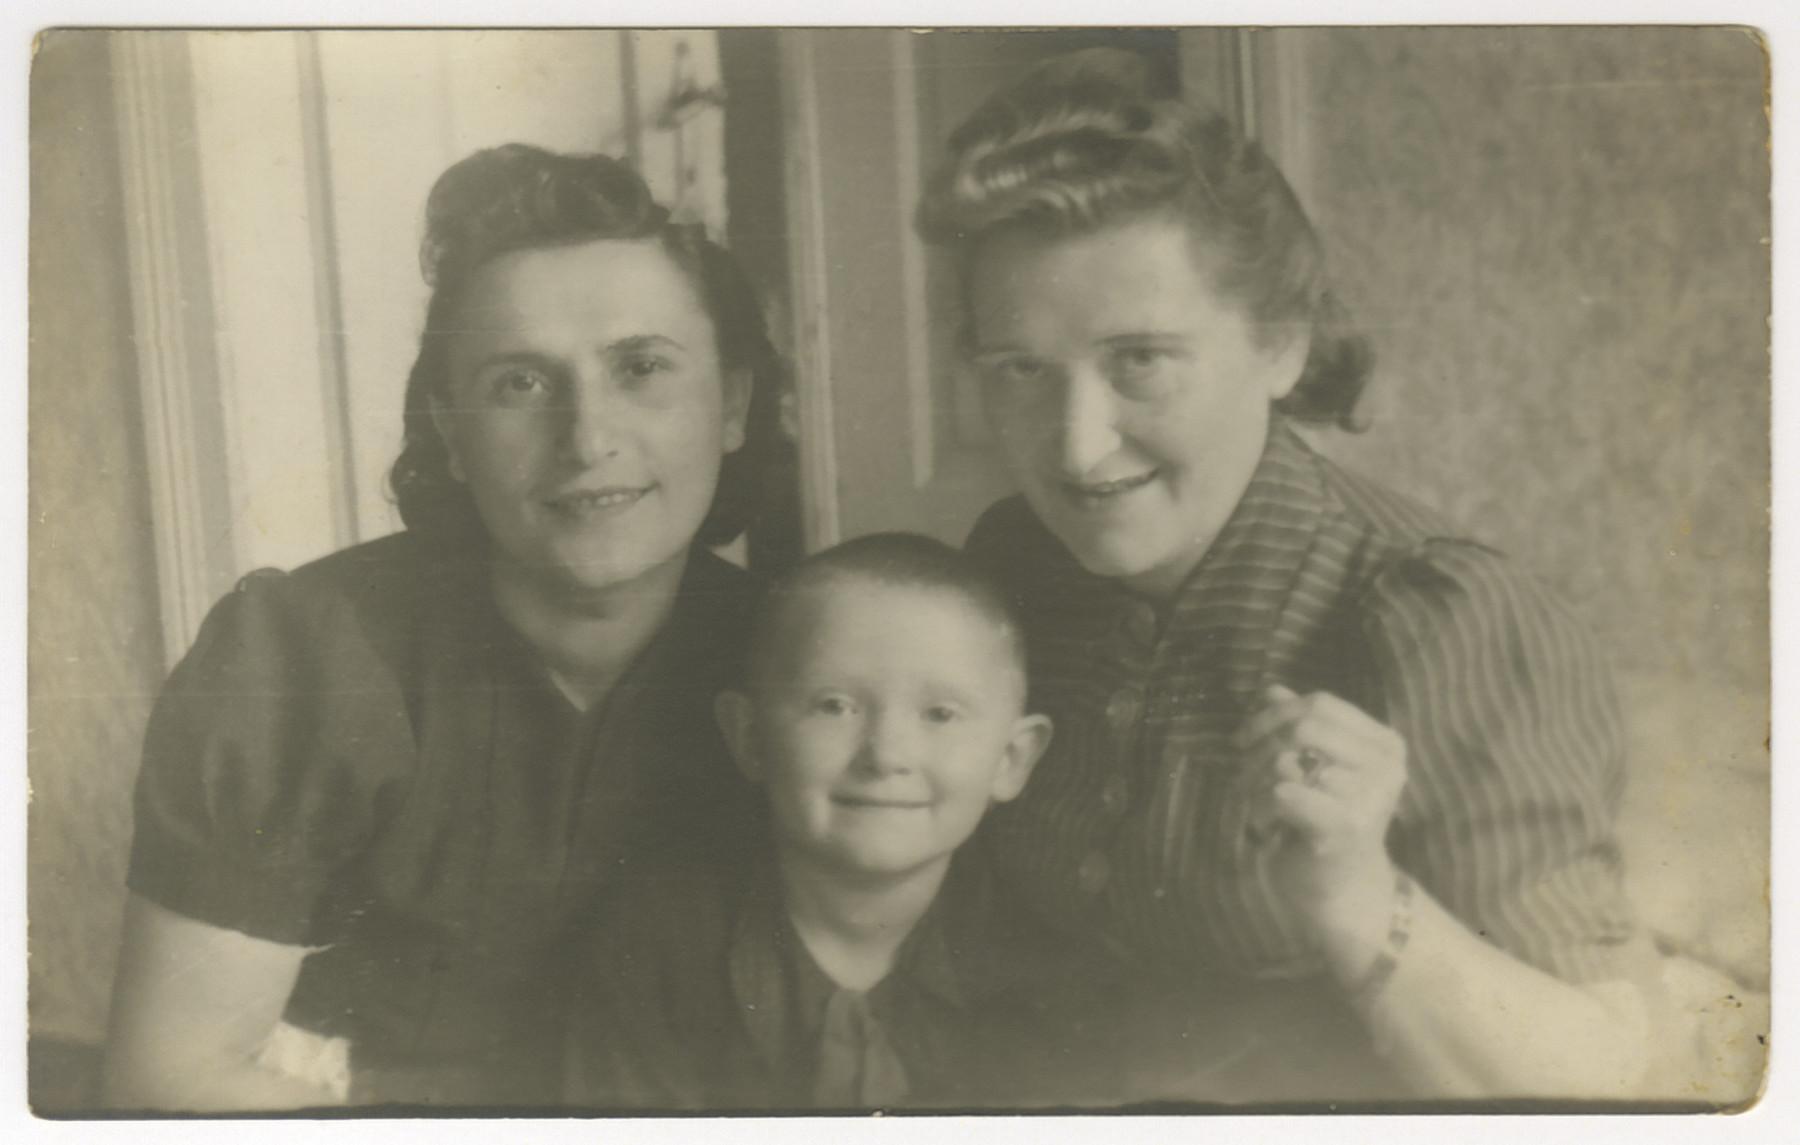 Hilda Jonisch, Michael Bornstein and Sophie Jonisch Bornstein pose together shortly after the war ended.